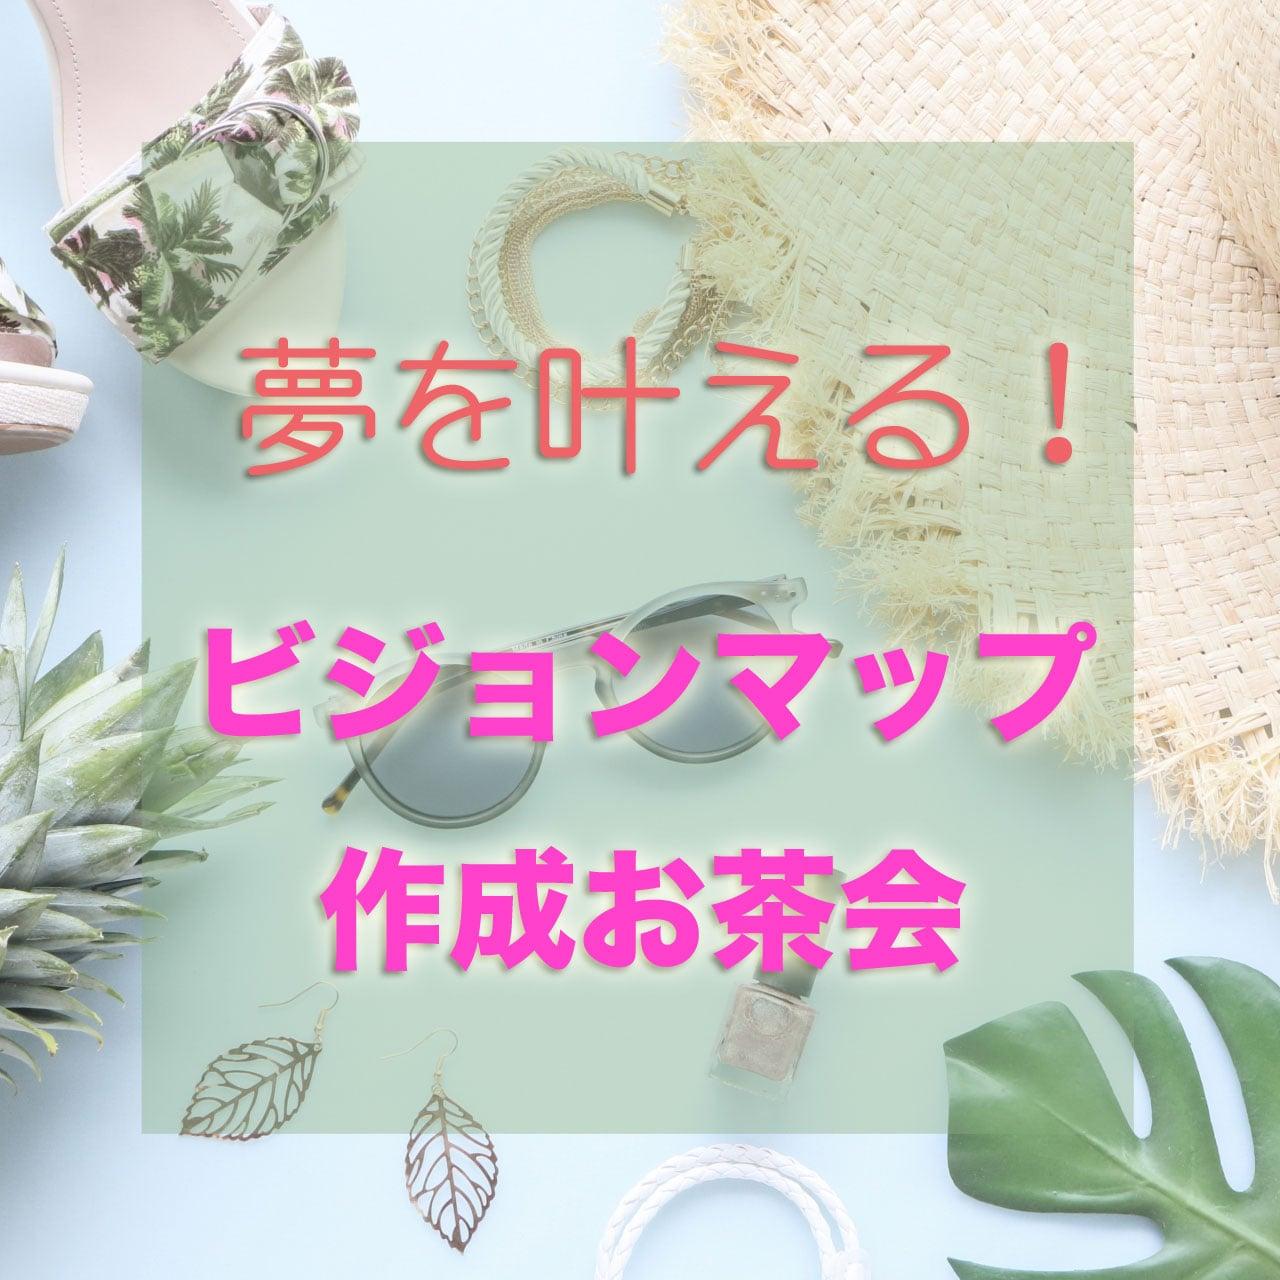 10/10(木)夢を叶える!ビジョンマップ作成お茶会のイメージその1